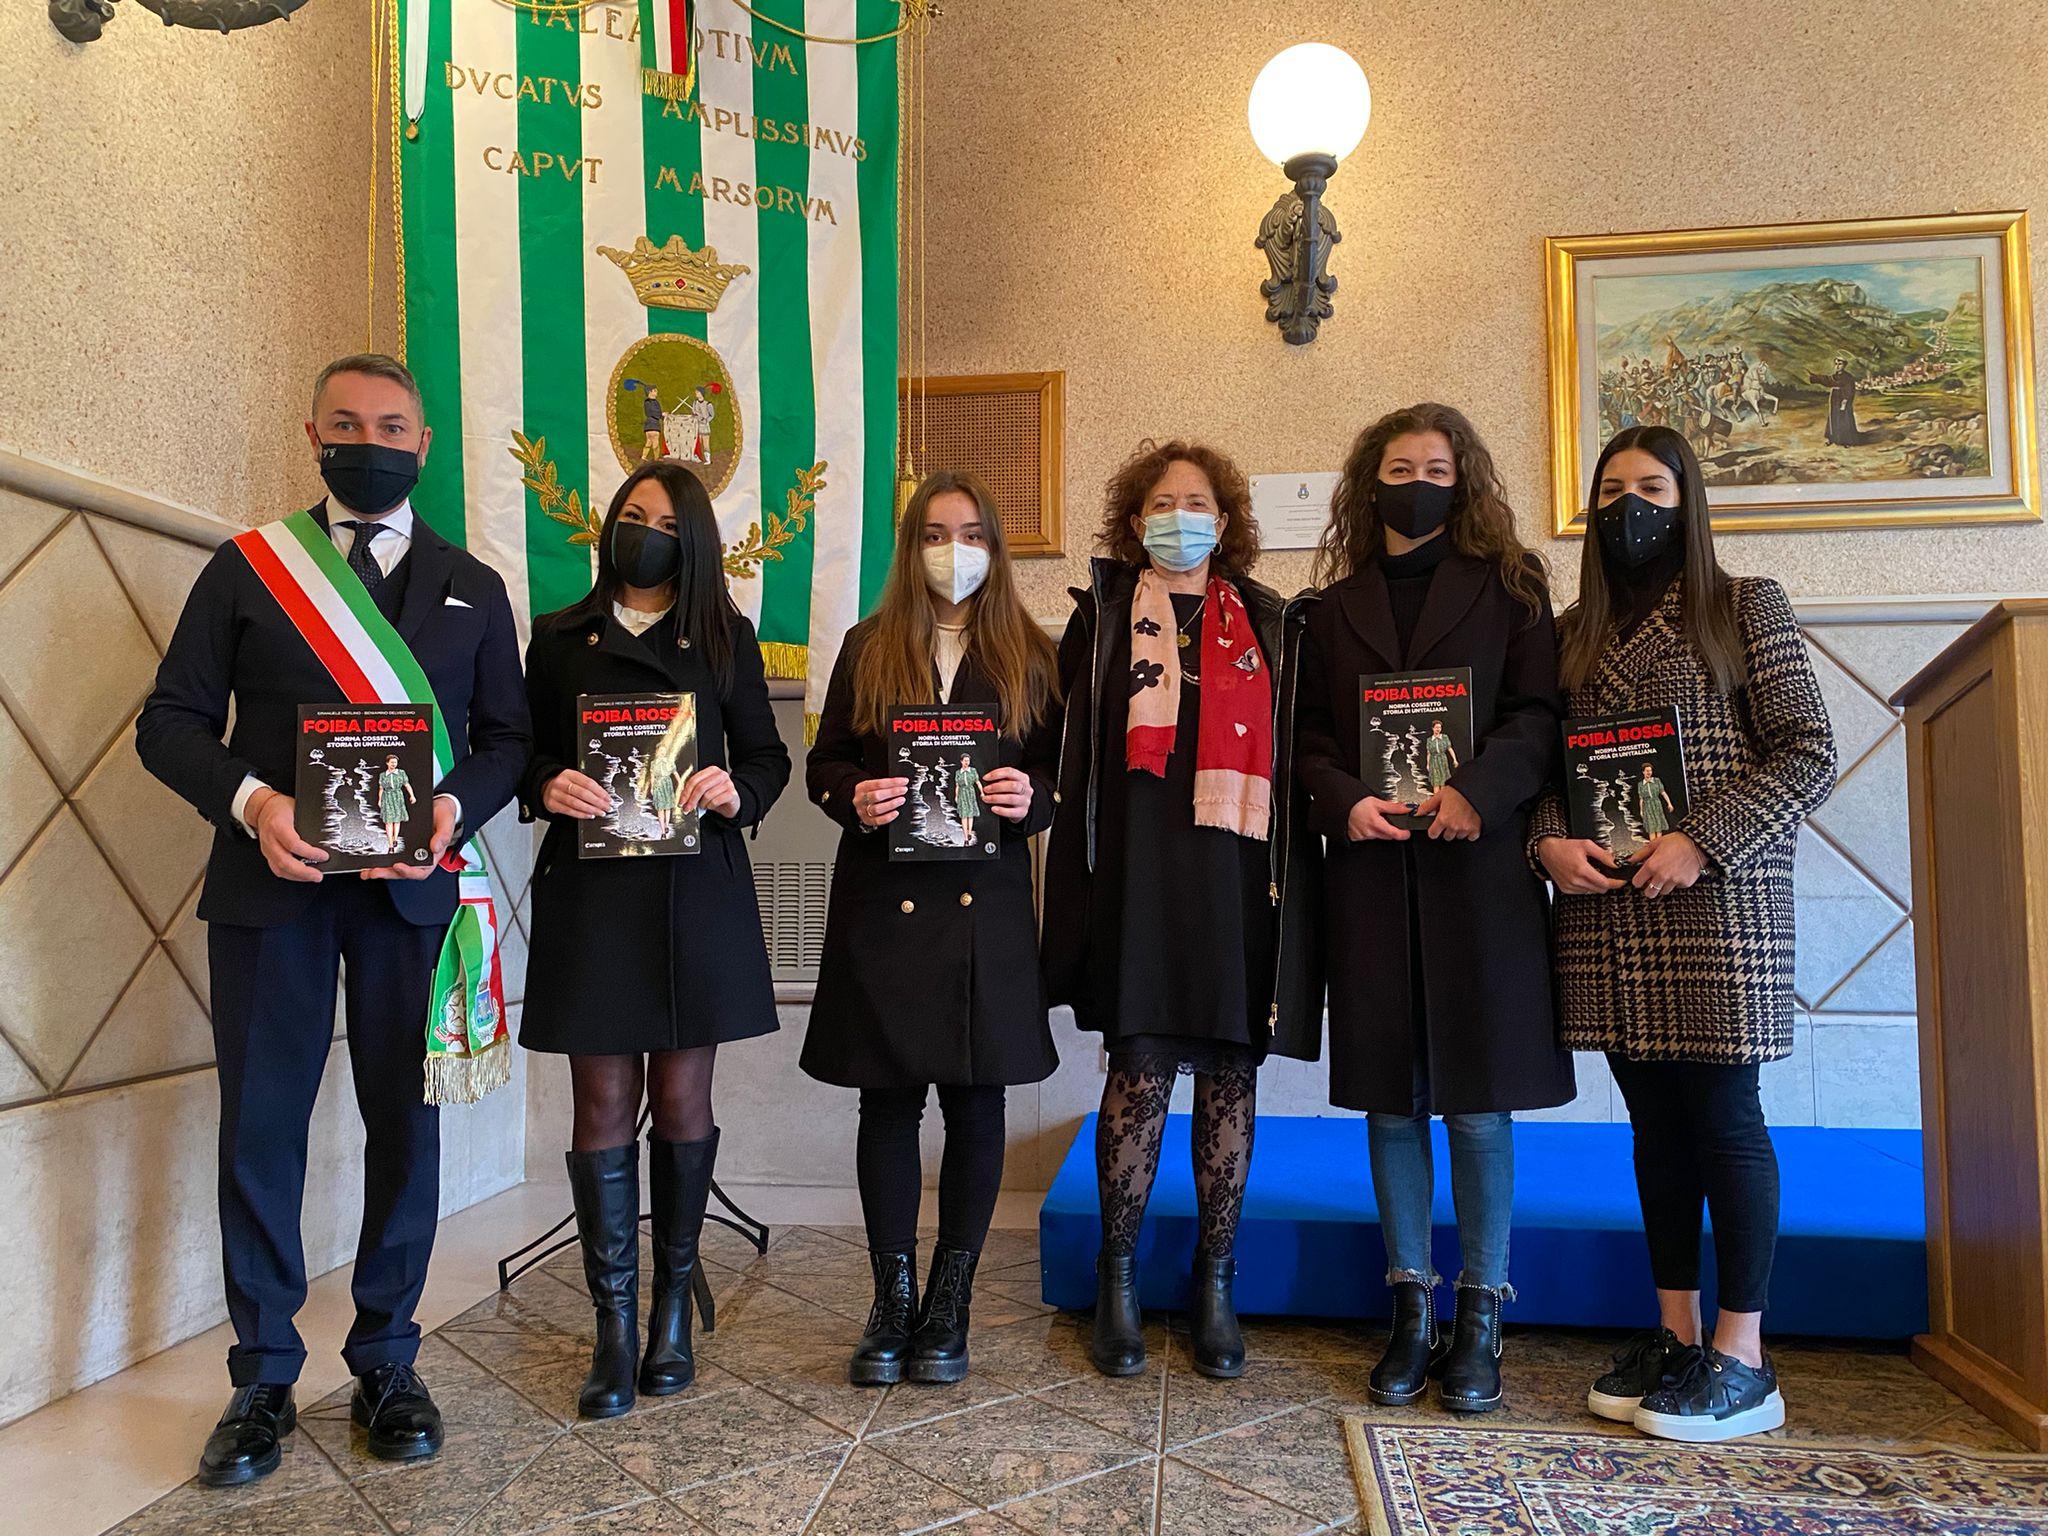 Tagliacozzo commemora le vittime delle foibe e l'eroico questore di Fiume Giovanni Palatucci